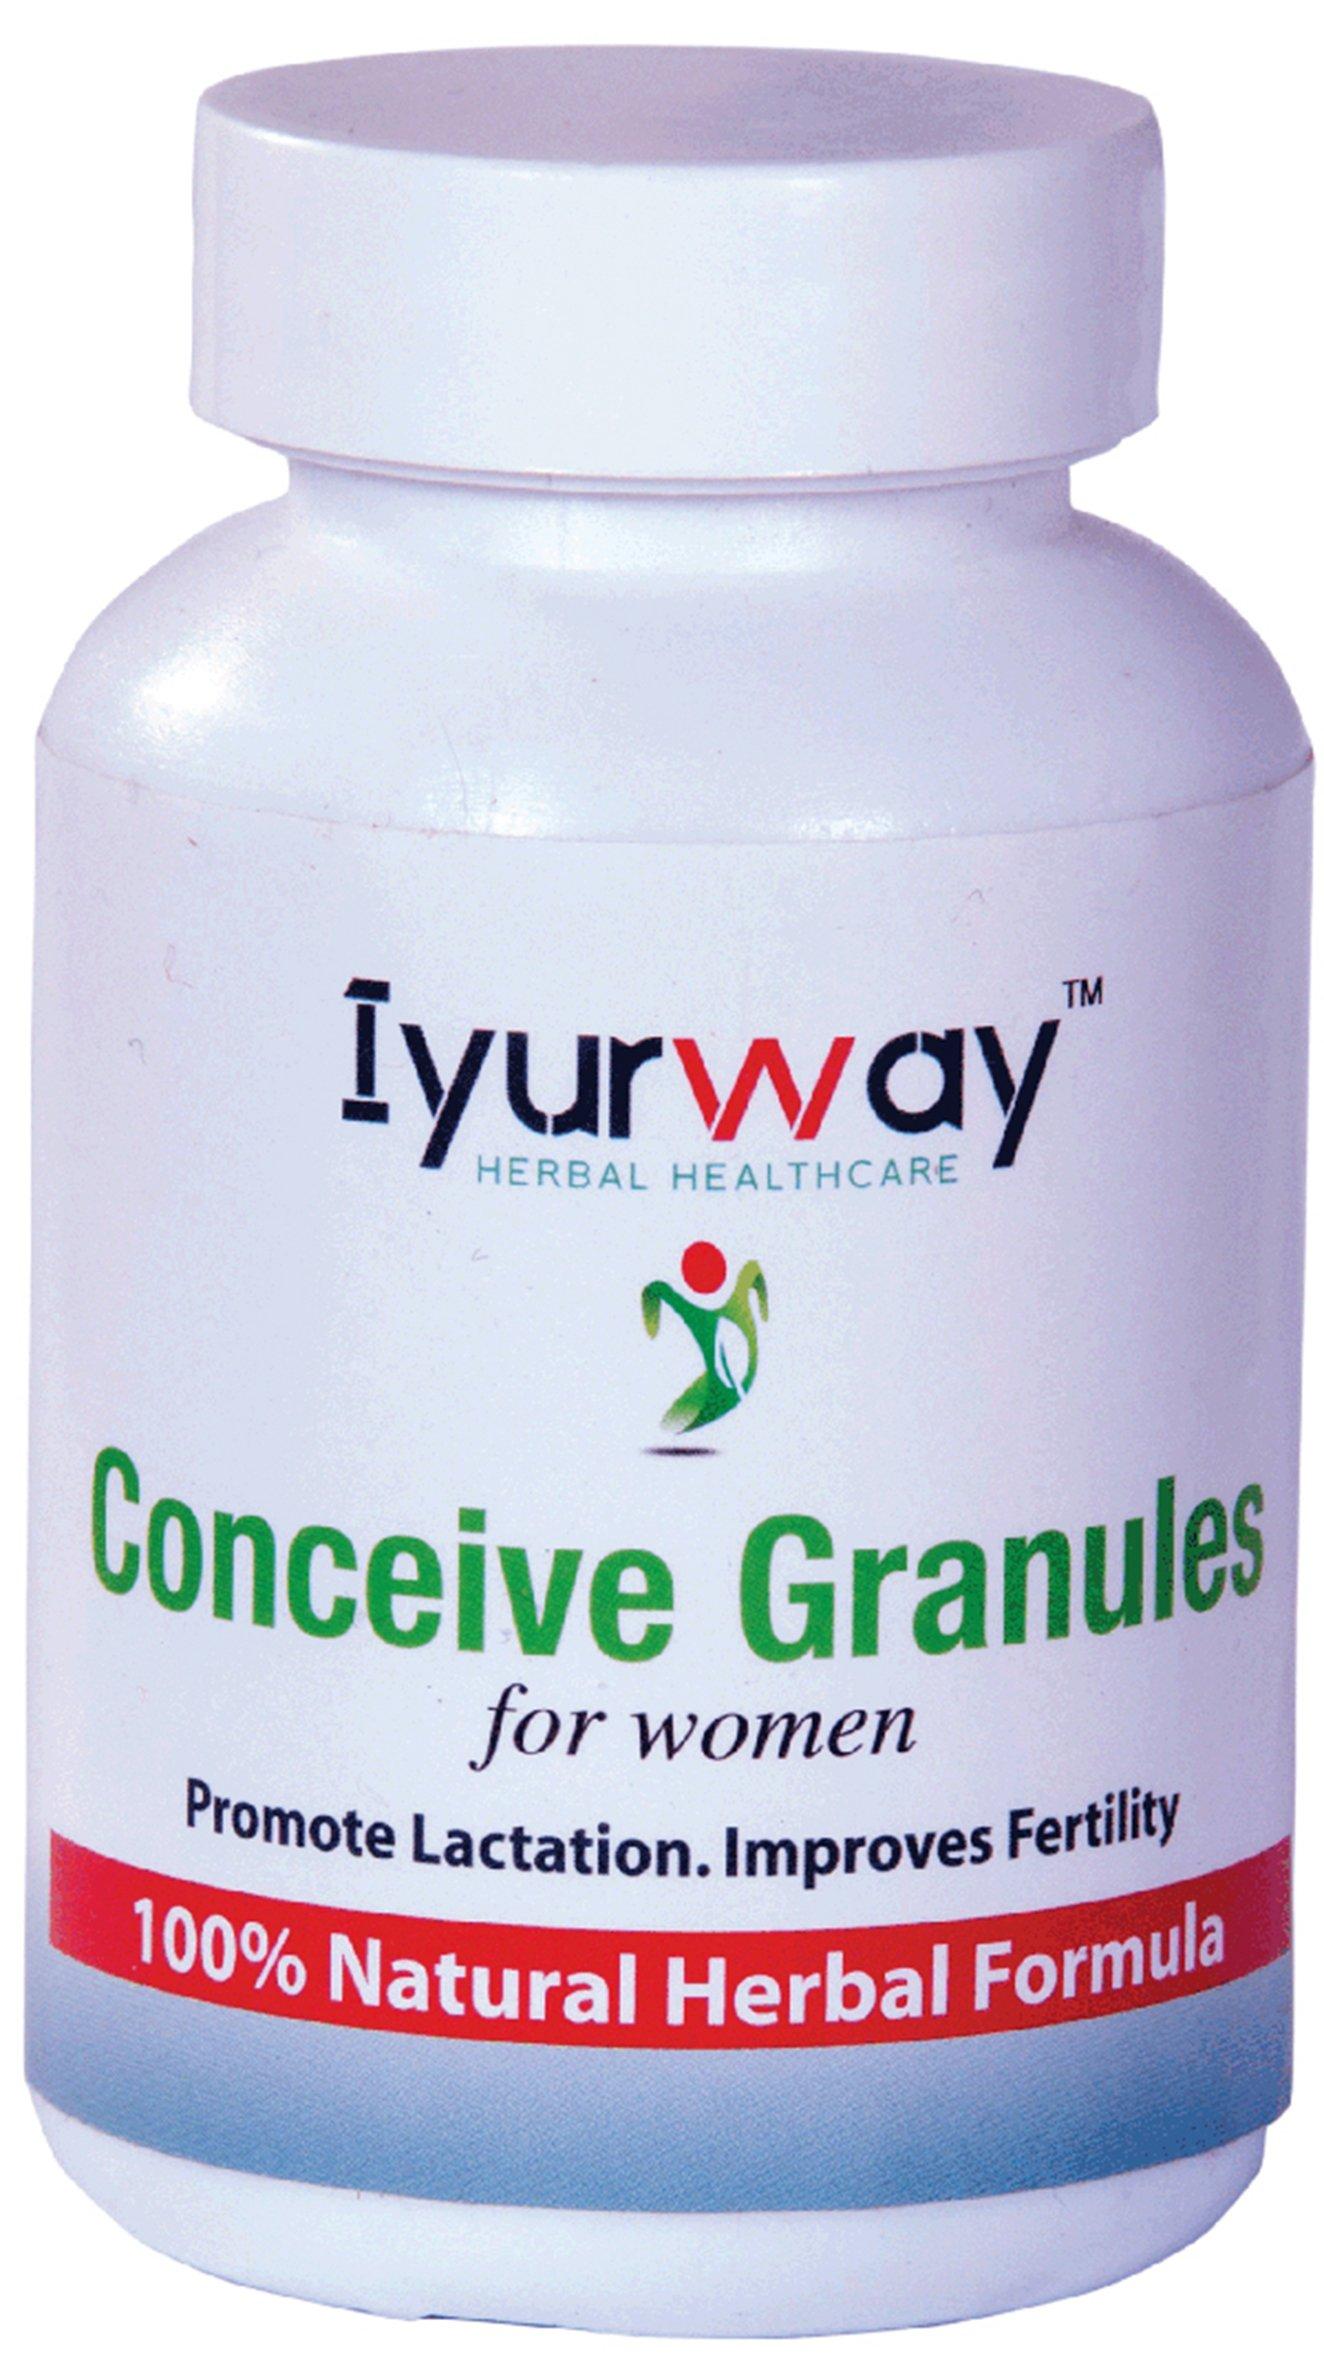 IYURWAY Herbal Healthcare IYURWAY Herbal Healthcare Conceive Granules for Women